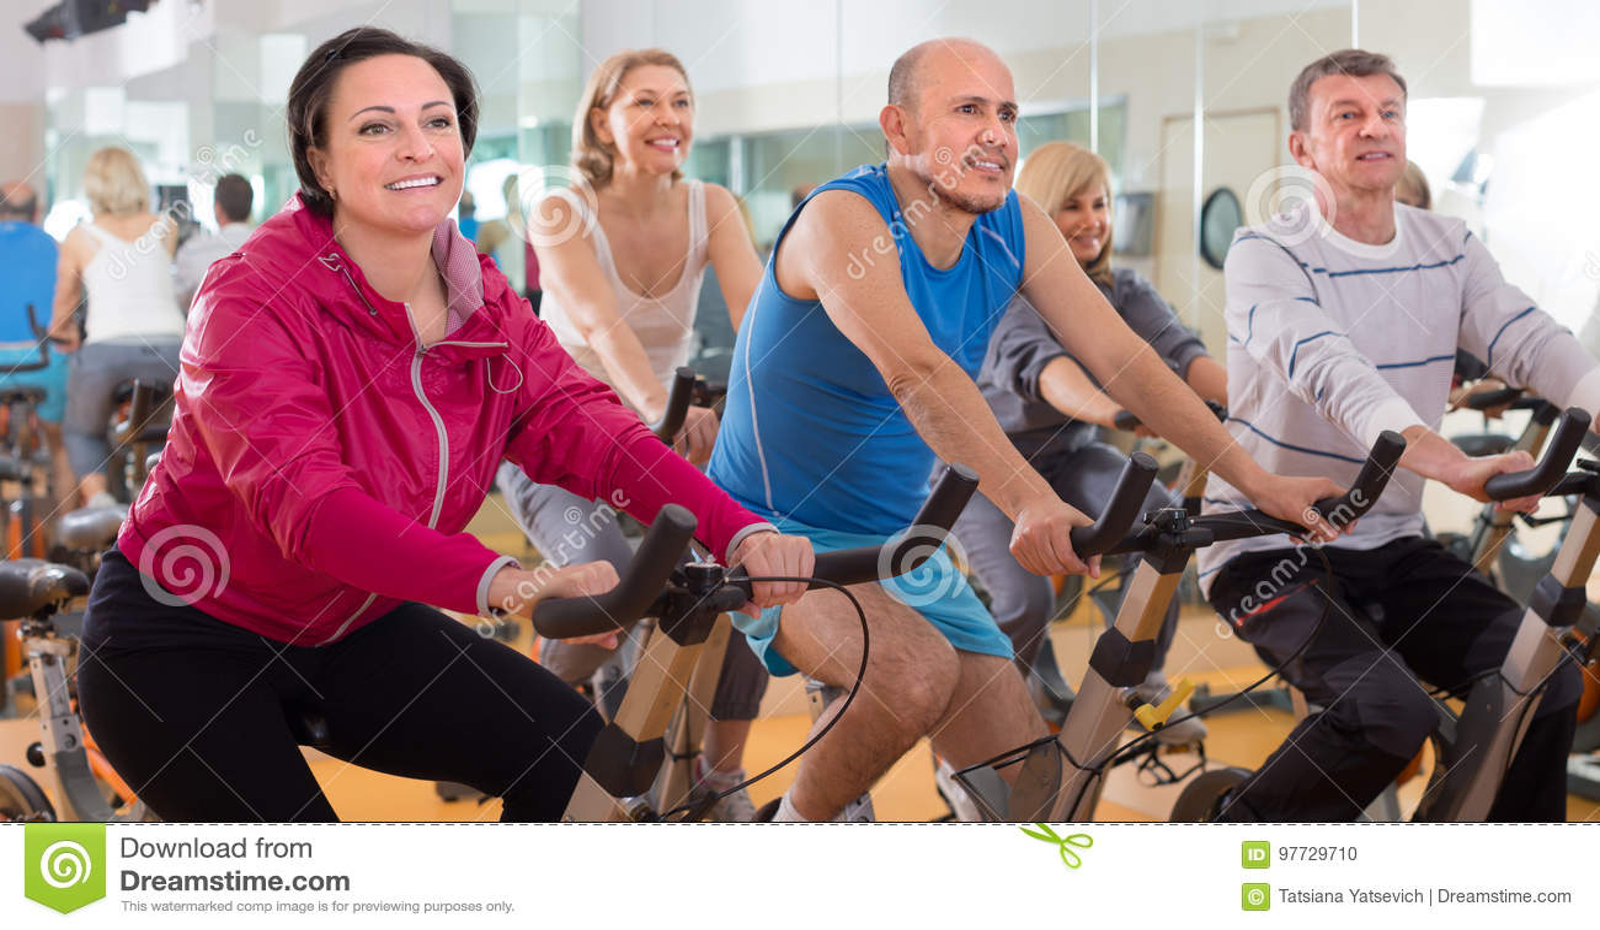 Οι ηλικιωμένοι κάνουν τον αθλητισμό στα ποδήλατα άσκησης